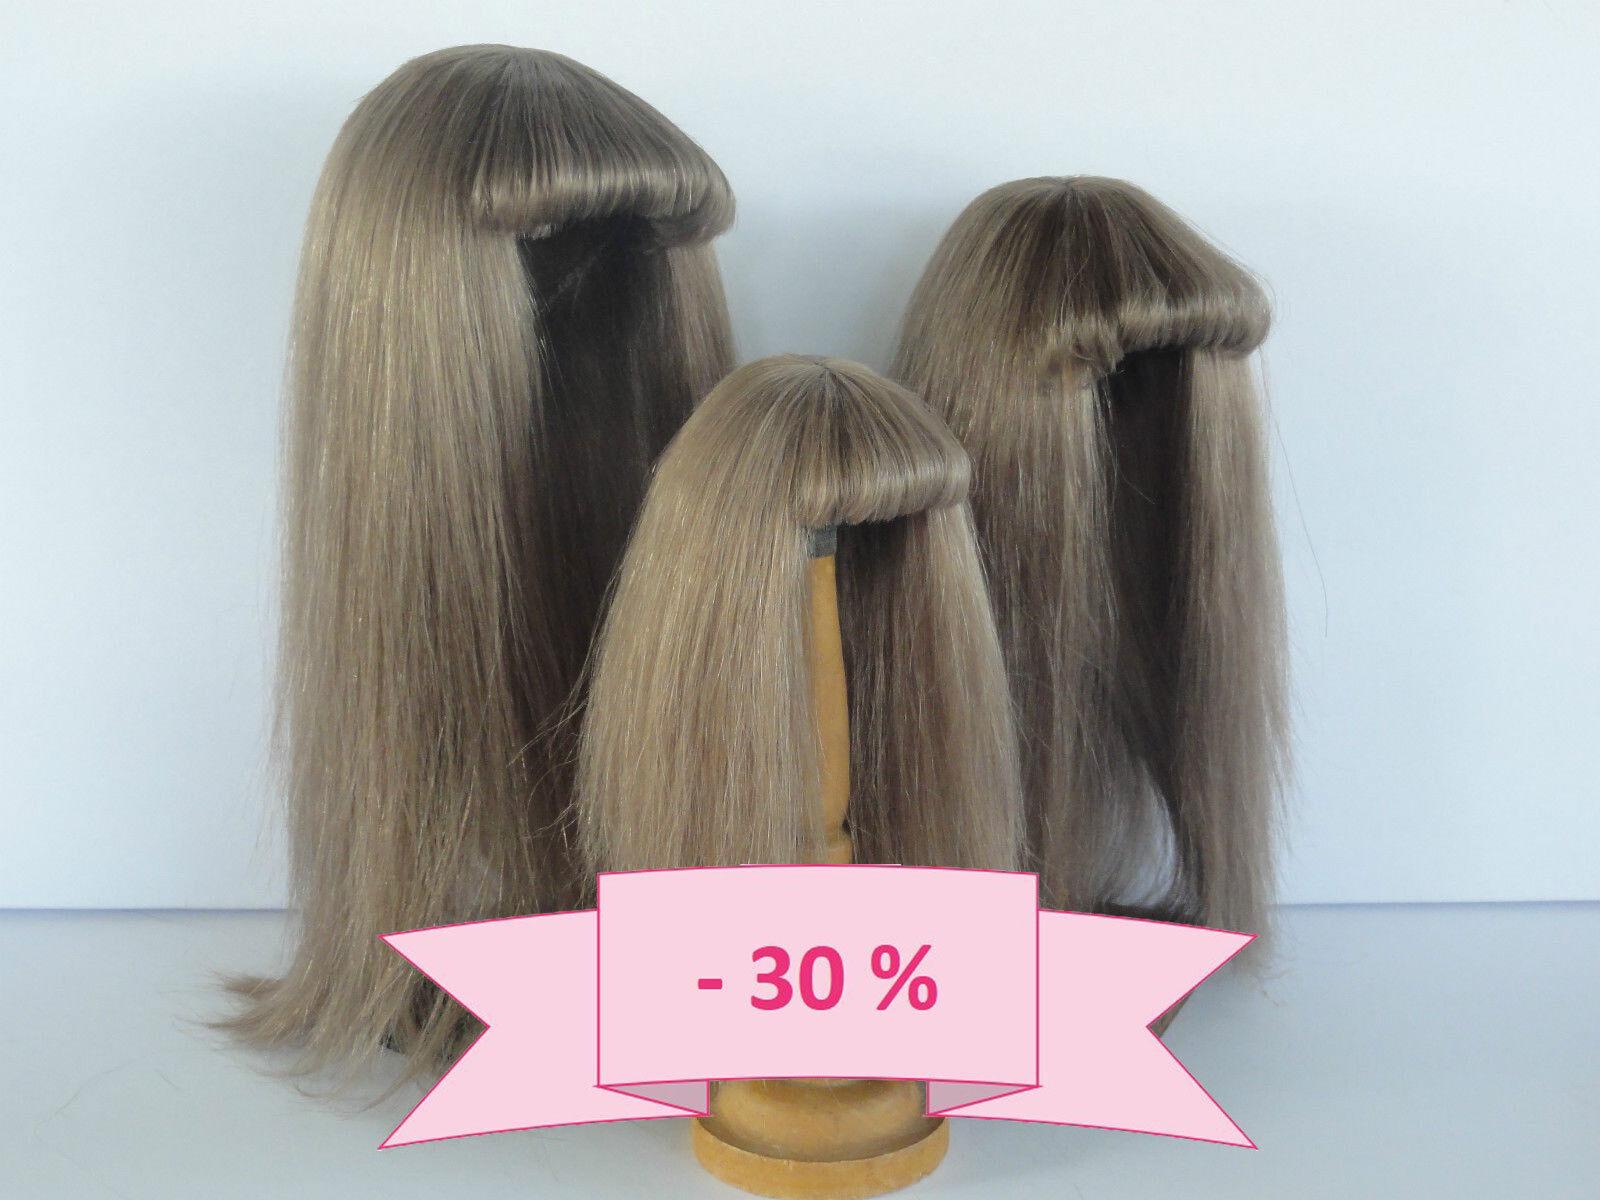 30% PROMO - Perücke für Puppe T6 (27.5cm) (27.5cm) (27.5cm) 100% Haare natürlich - G. BRAVOT 22fded